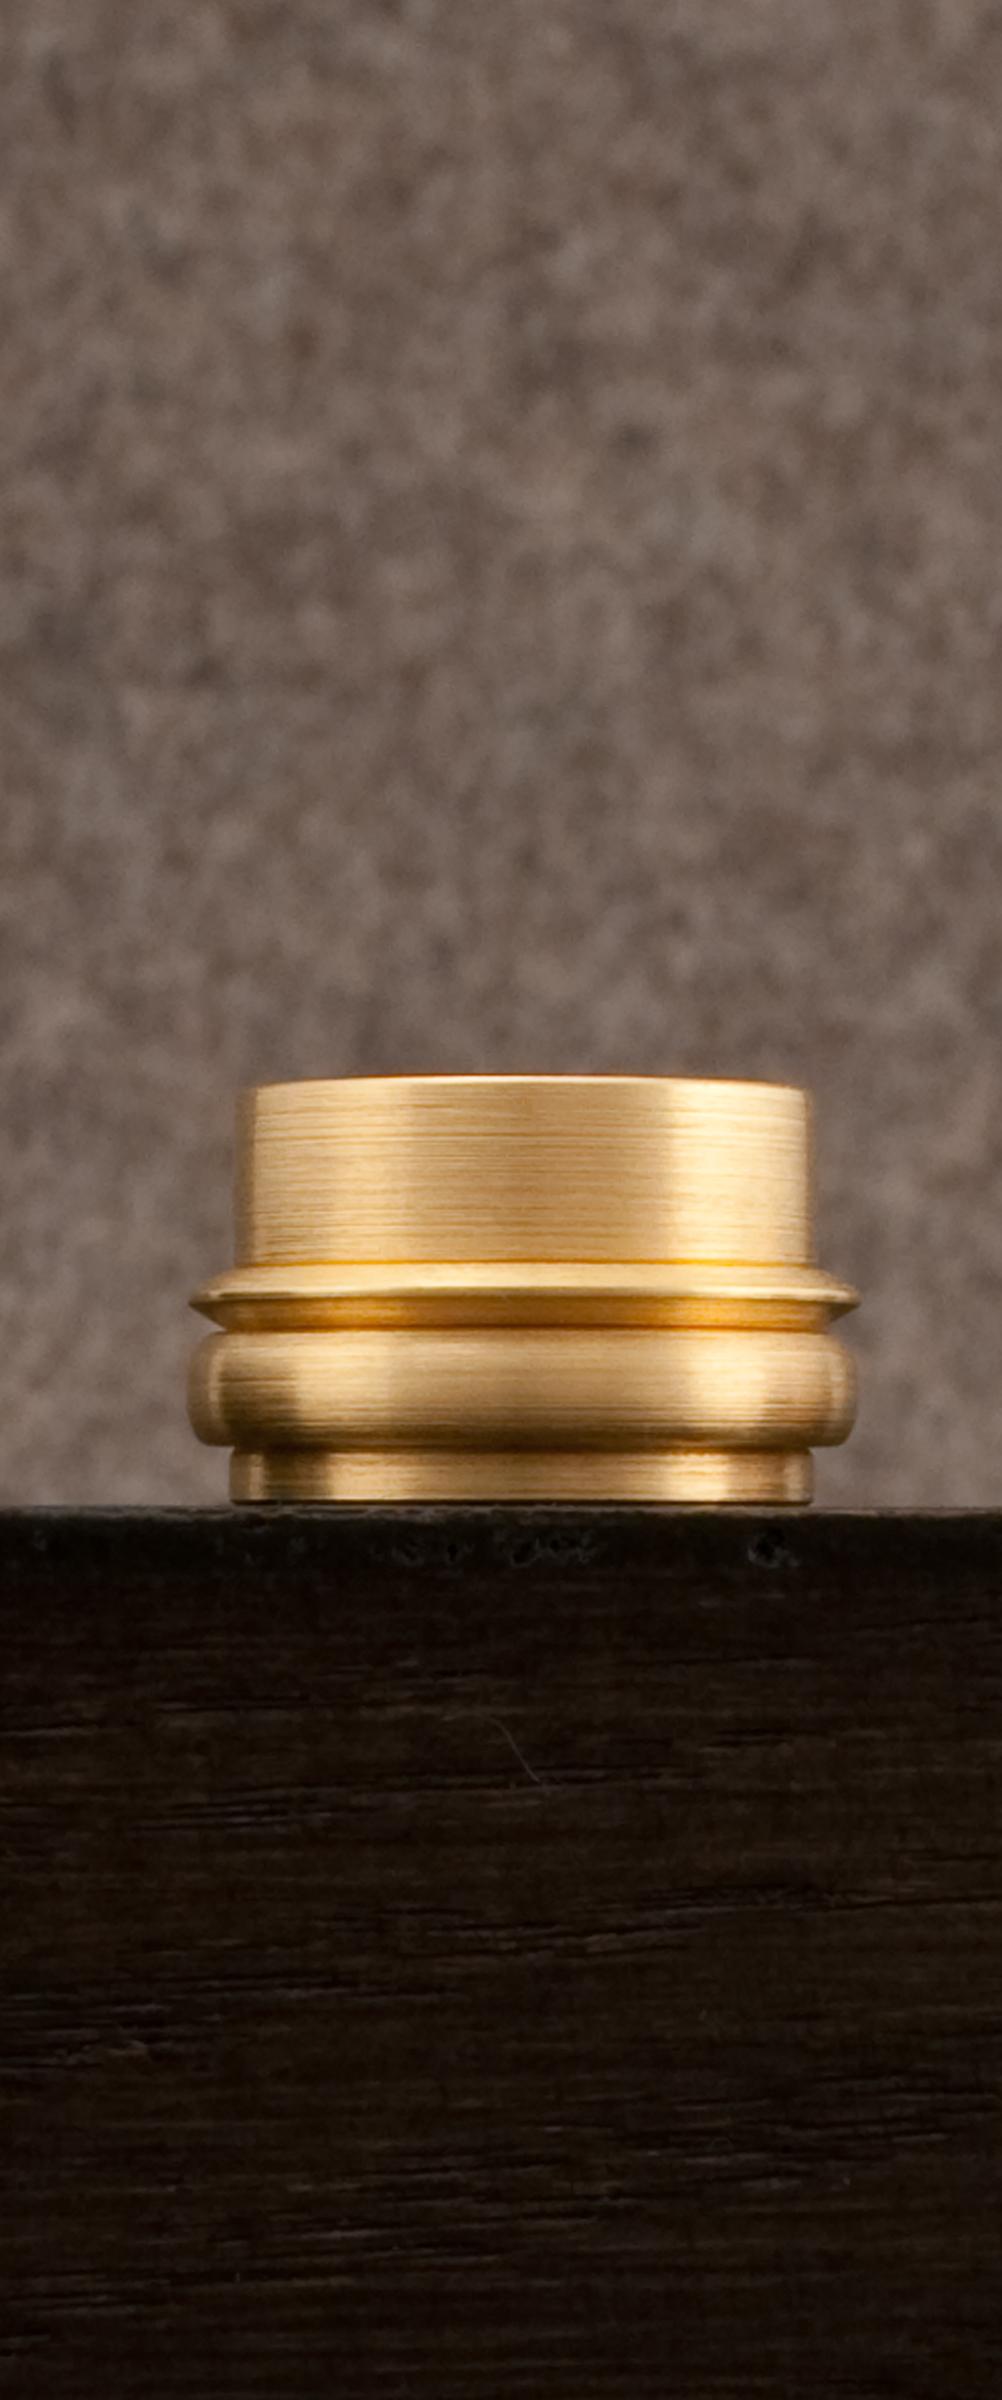 Rings - Web 14.jpg